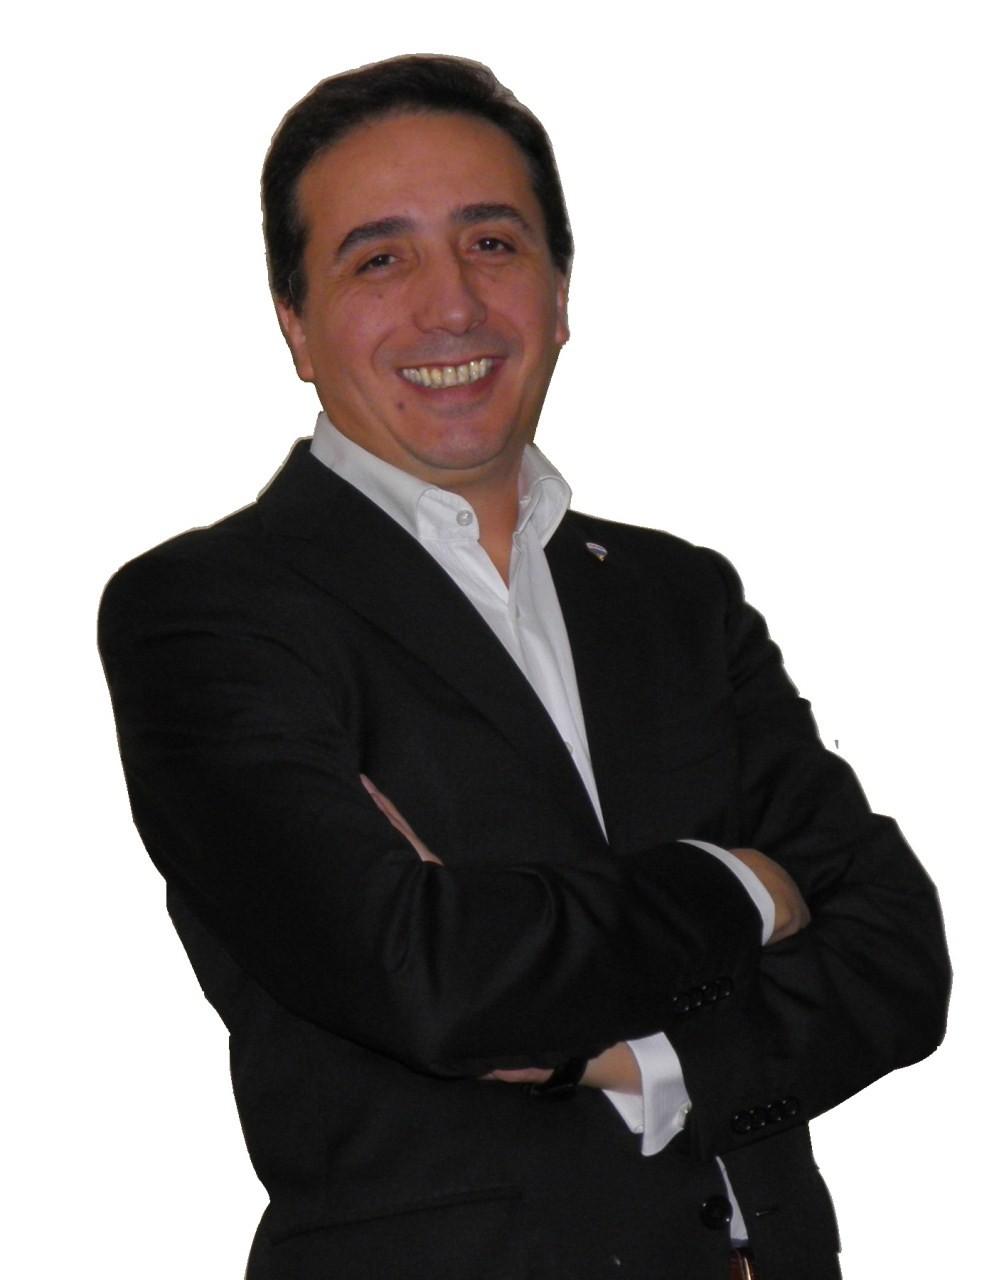 Miguel Ruiz-Valdepeñas